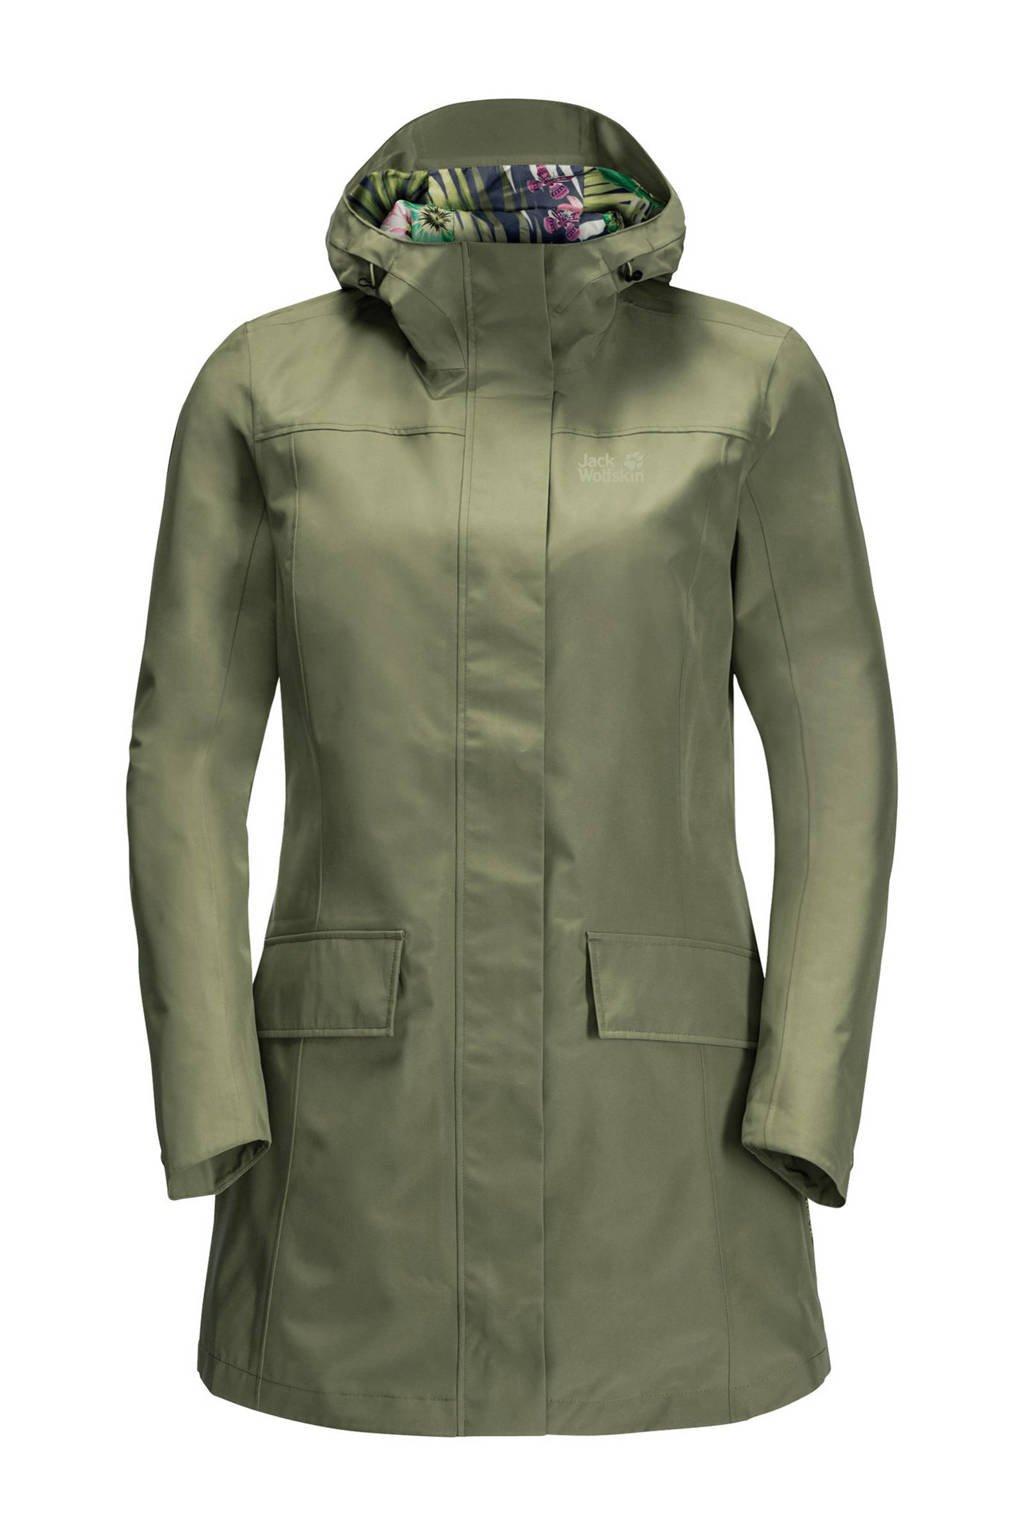 Jack Wolfskin outdoor jas groen, Light-Moss